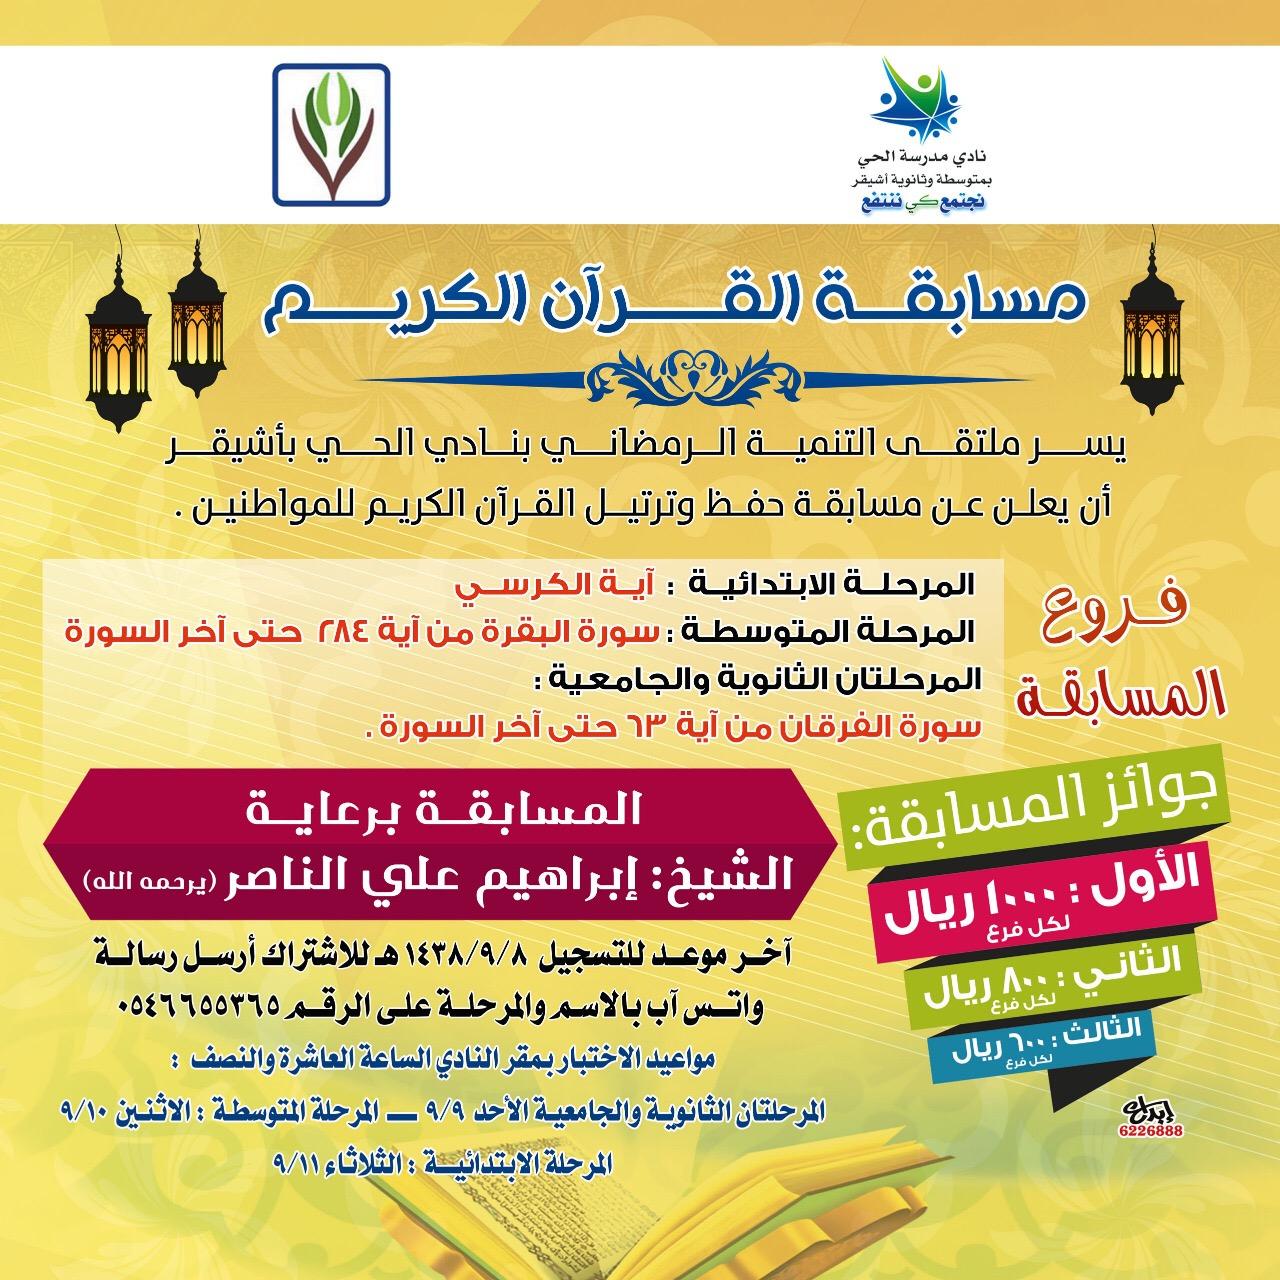 صورة ملتقى التنمية الرمضاني بنادي الحي بأشيقر يعلن عن مسابقة القرآن الكريم